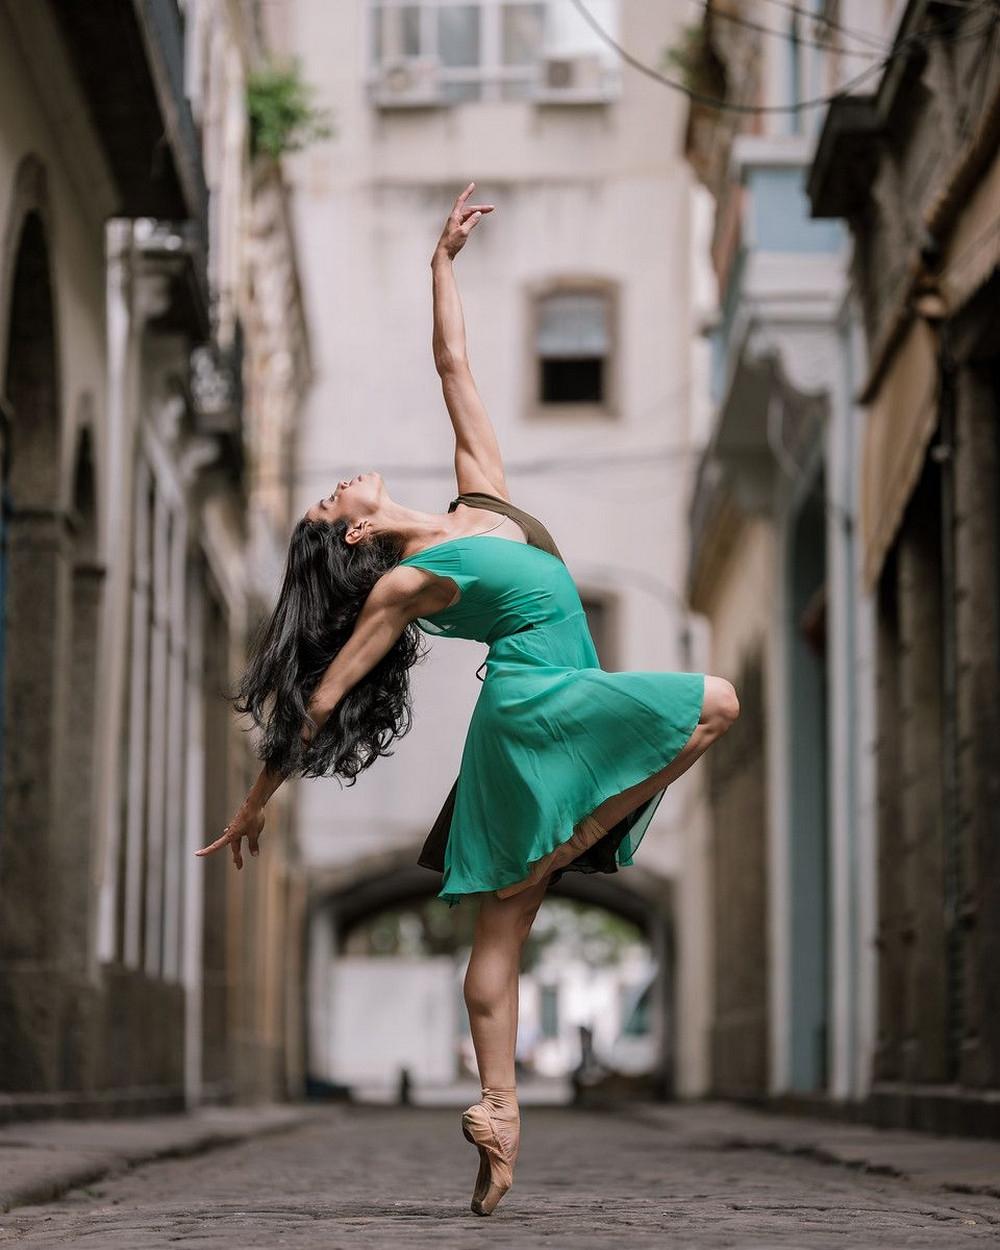 Фотограф Омар Роблес